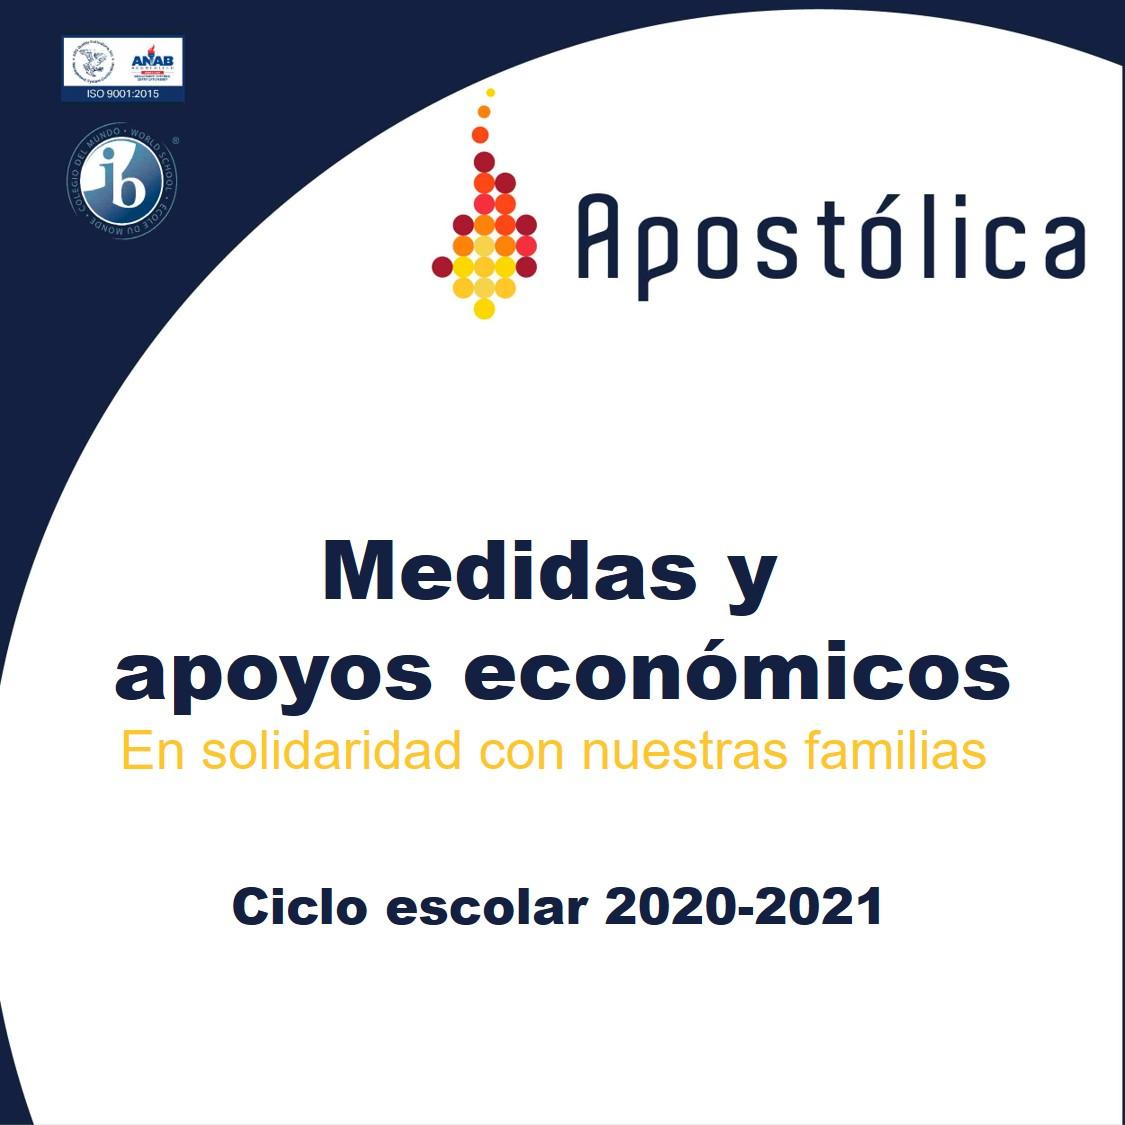 Medidas y apoyos económicos para el ciclo 2020-2021